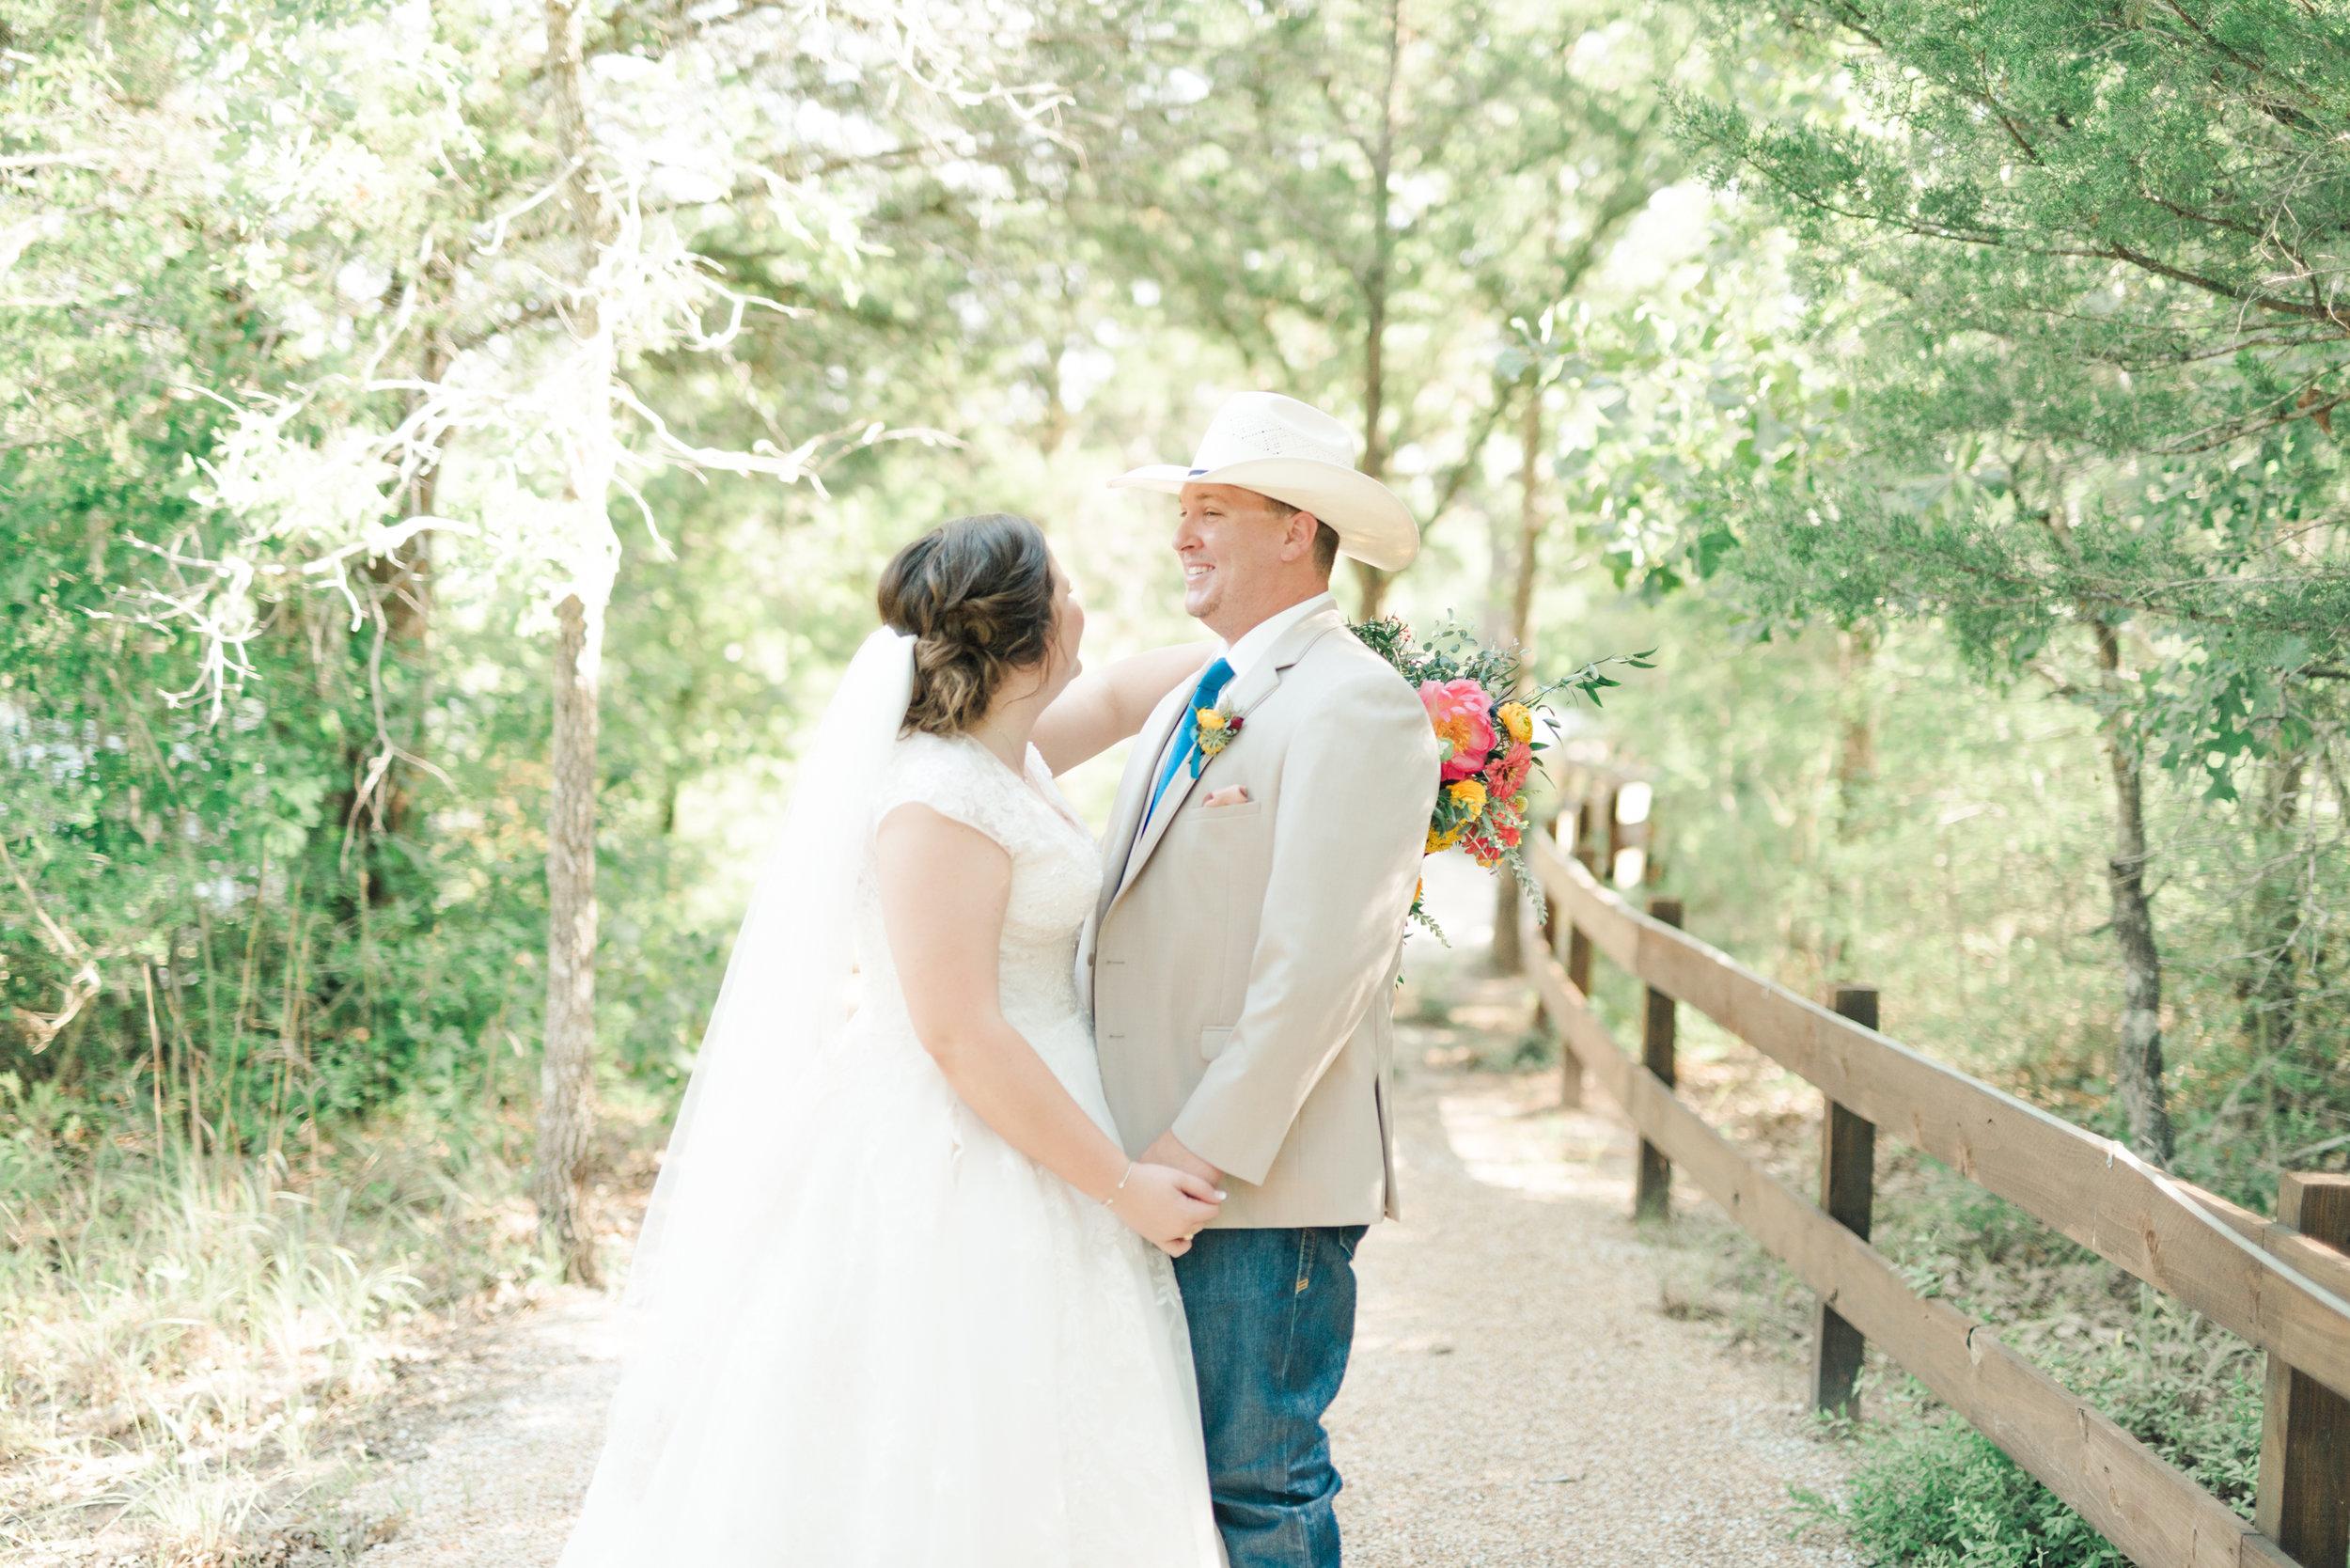 Wesley-Wedding-Ten23-Photography-367.jpg